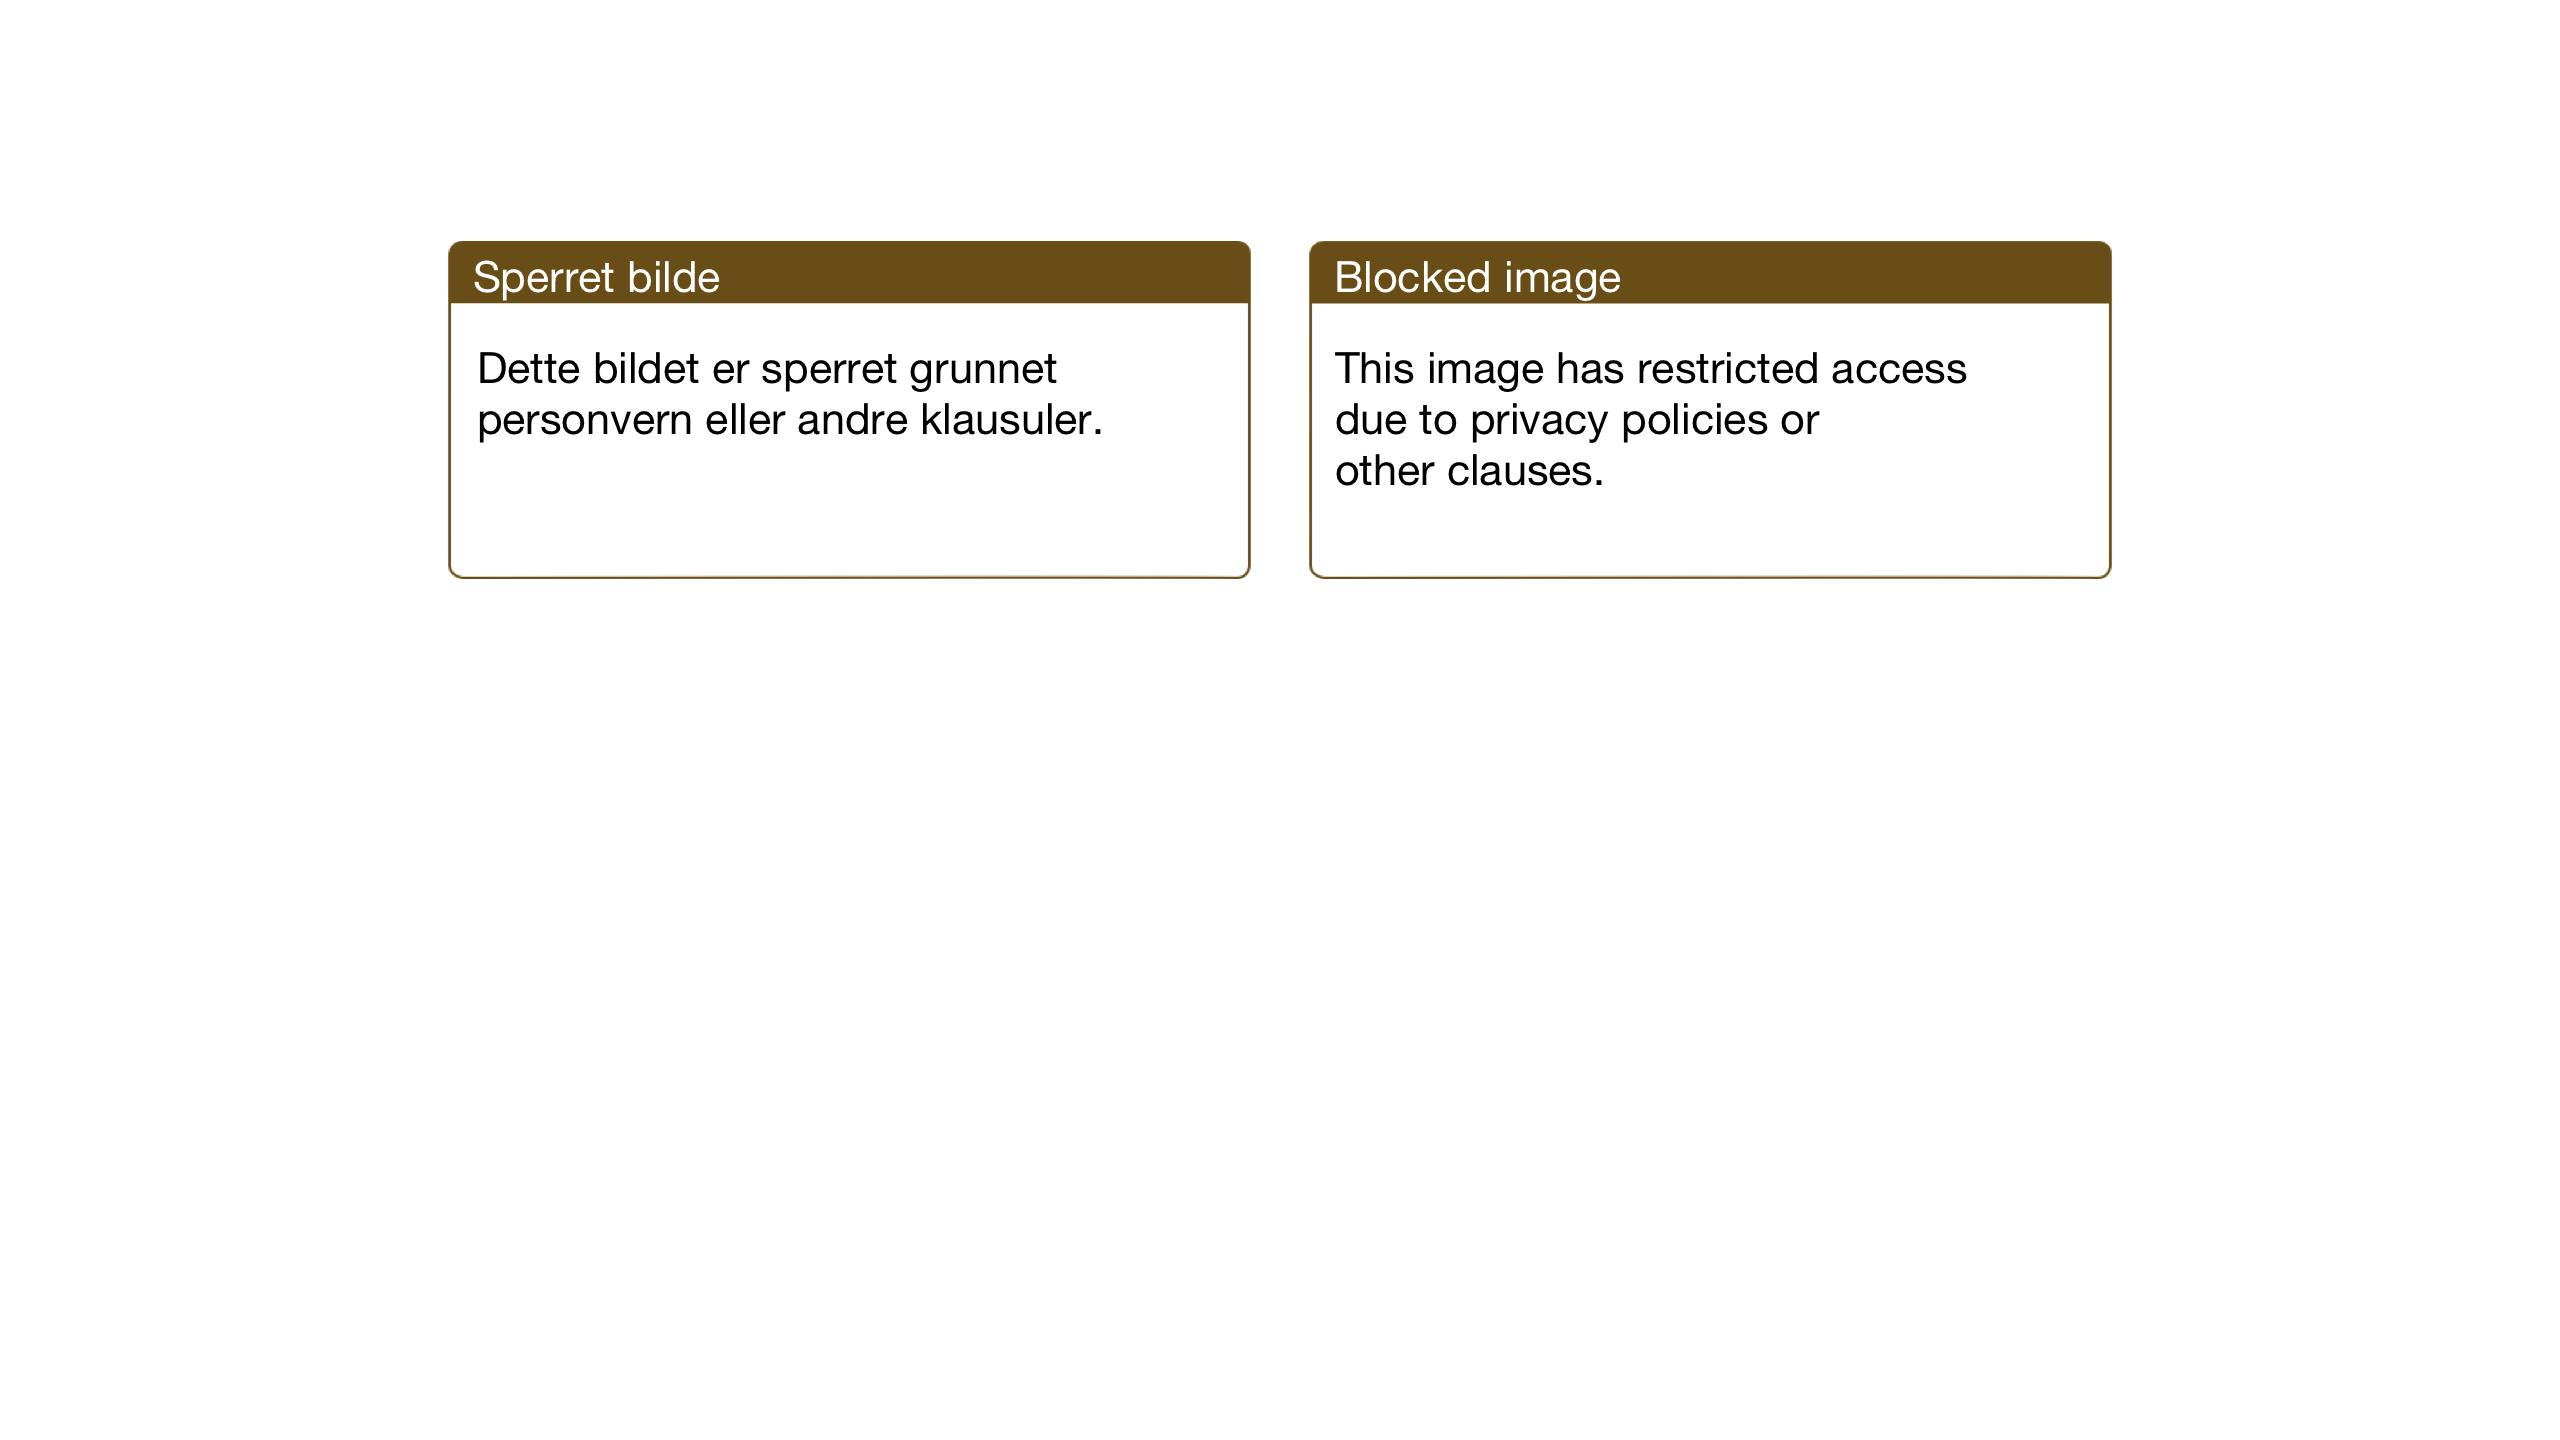 SAT, Ministerialprotokoller, klokkerbøker og fødselsregistre - Sør-Trøndelag, 637/L0563: Klokkerbok nr. 637C04, 1899-1940, s. 87